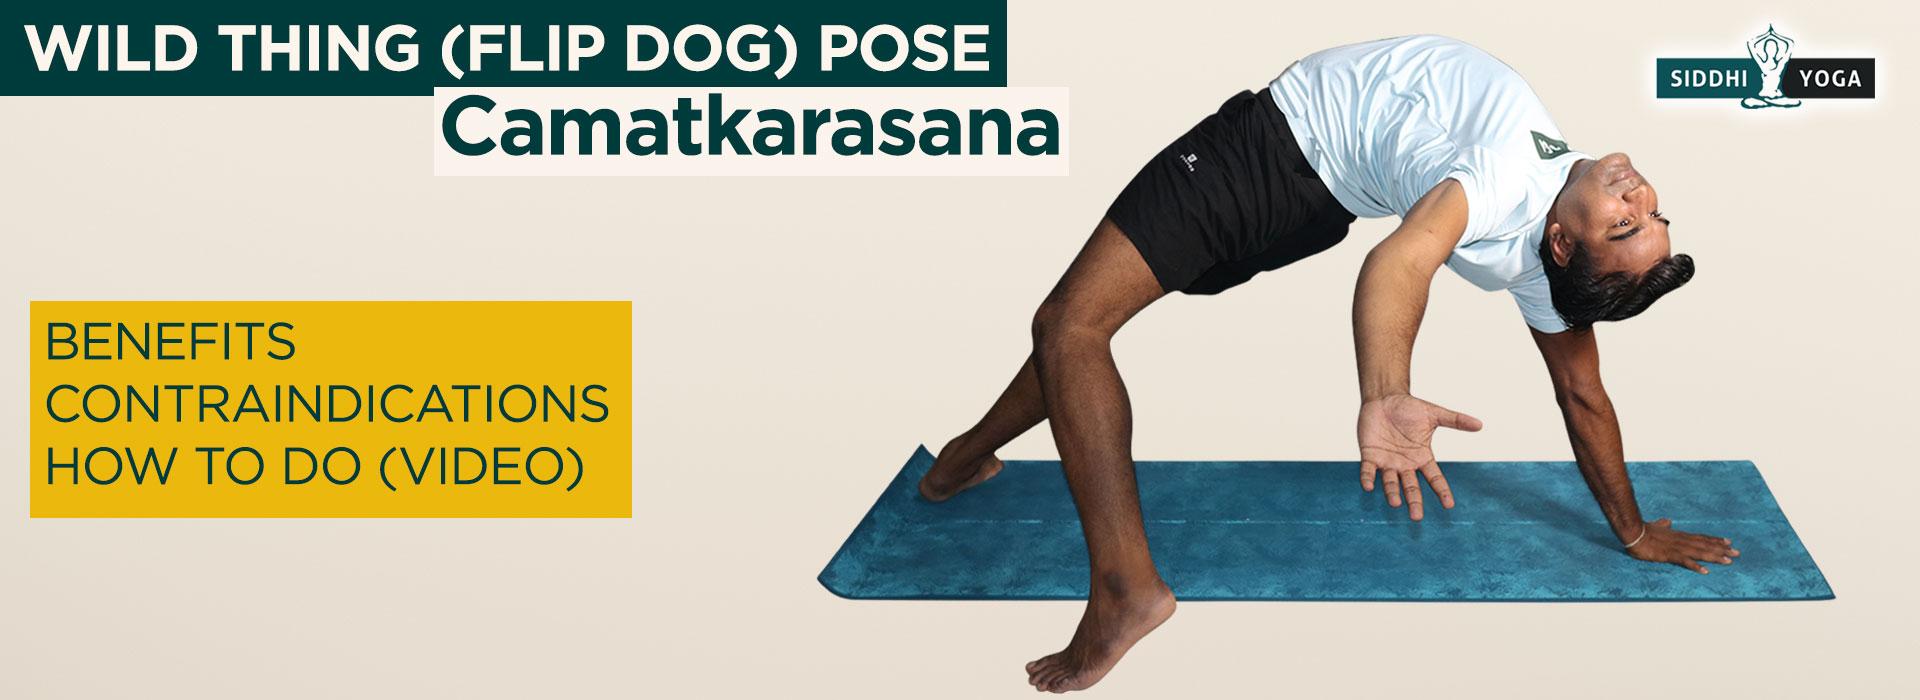 Camatkarasana (Flip Dog or Wild Thing Pose) Benefits